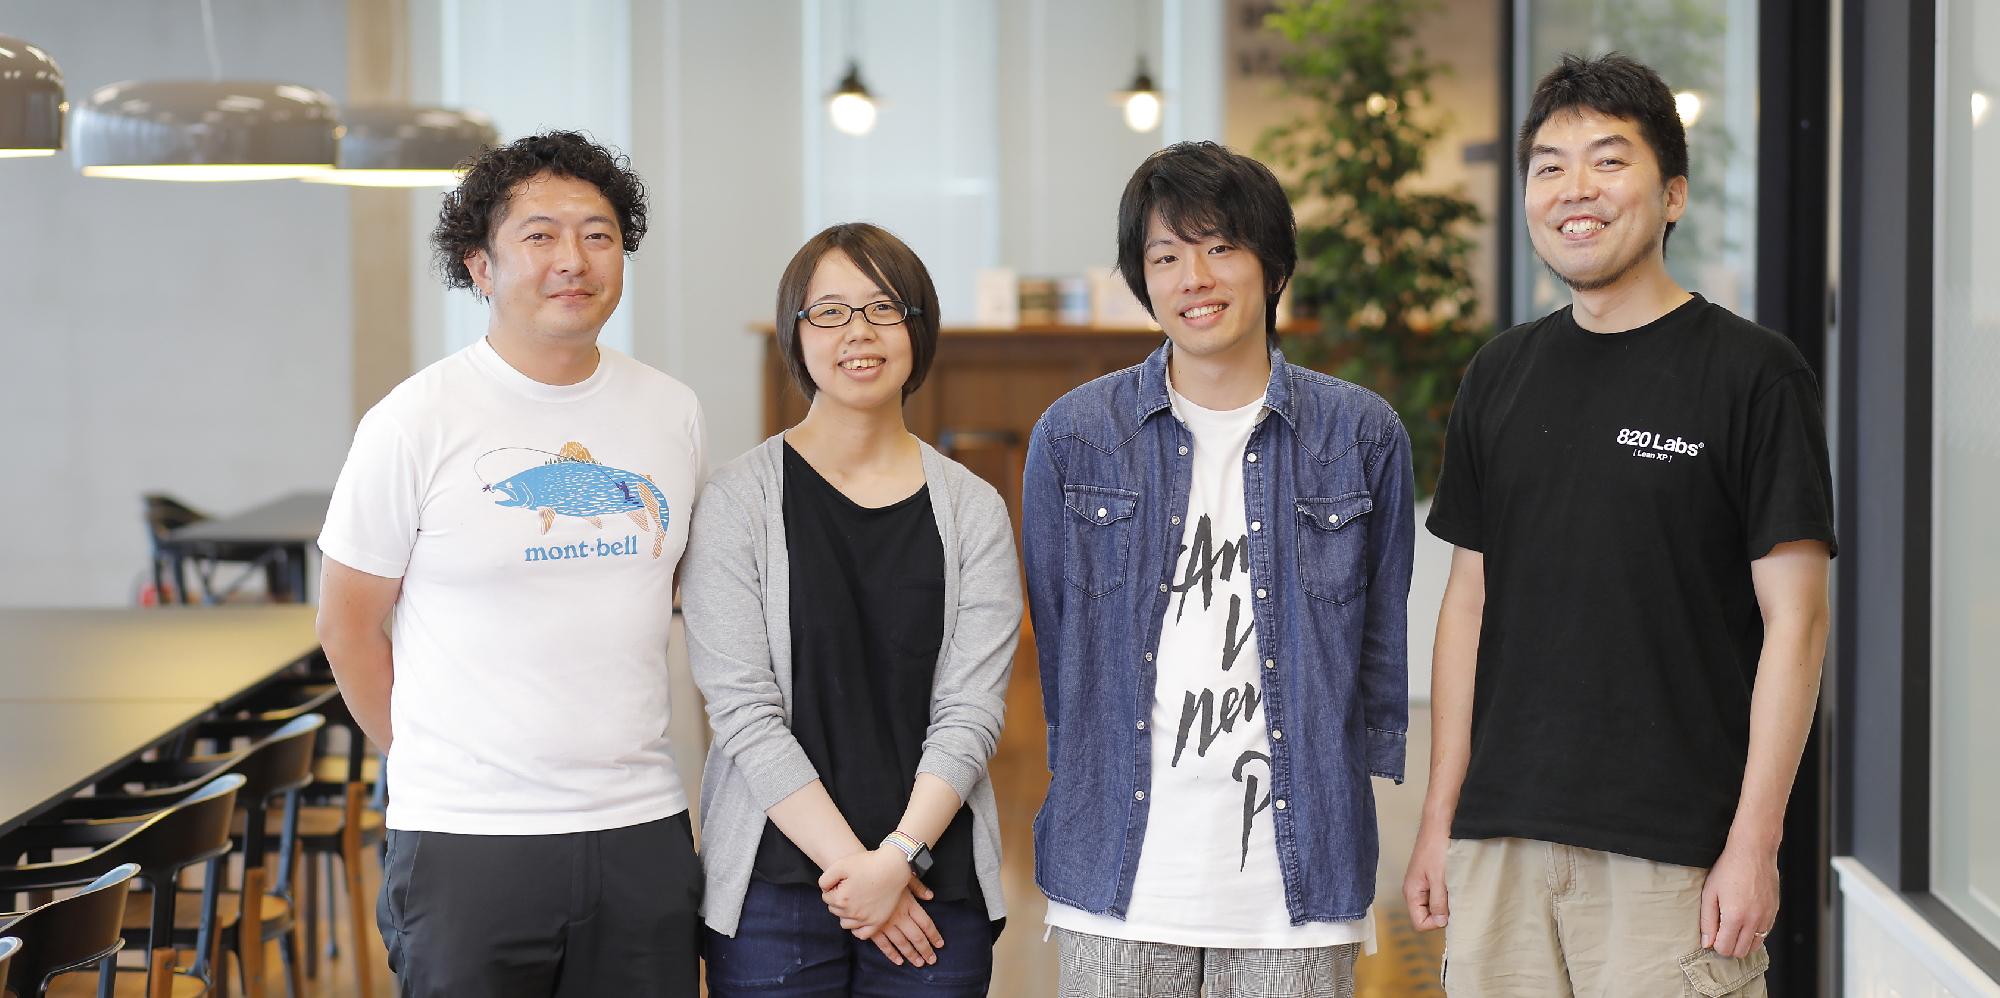 PMの金田 雅史、 Lean XP室長にしまお、エンジニア小林由佳が並んで立っている画像